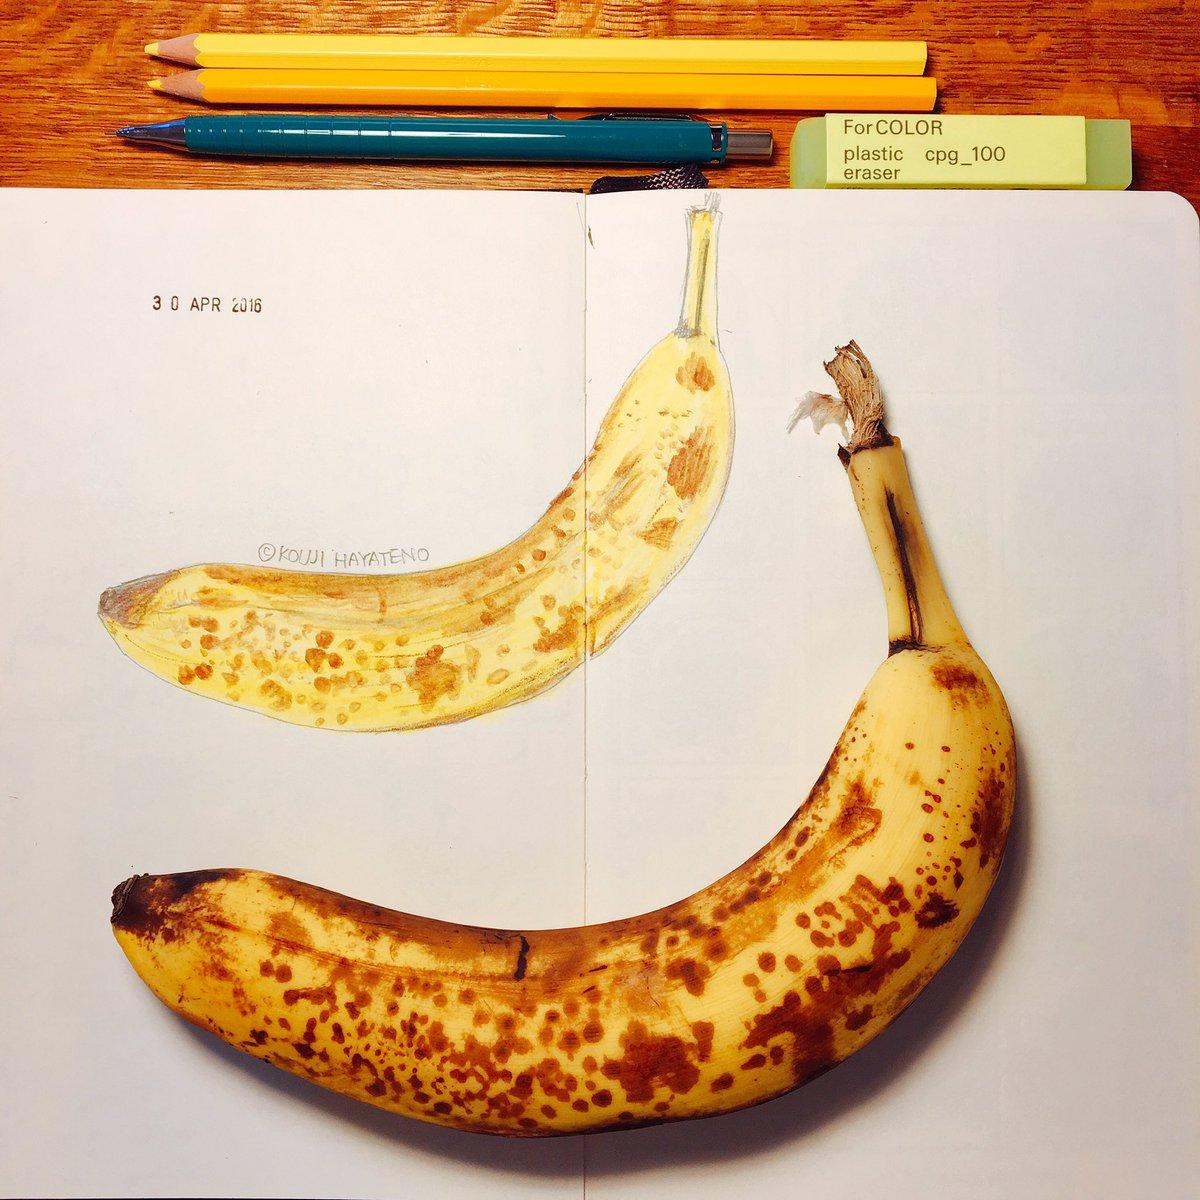 いつもはペンで線描くけど、オレンズ0.2で描いてみたらいい感じ。 #ぺんてる #オレンズ #文房具 https://t.co/JmazTsRY5w